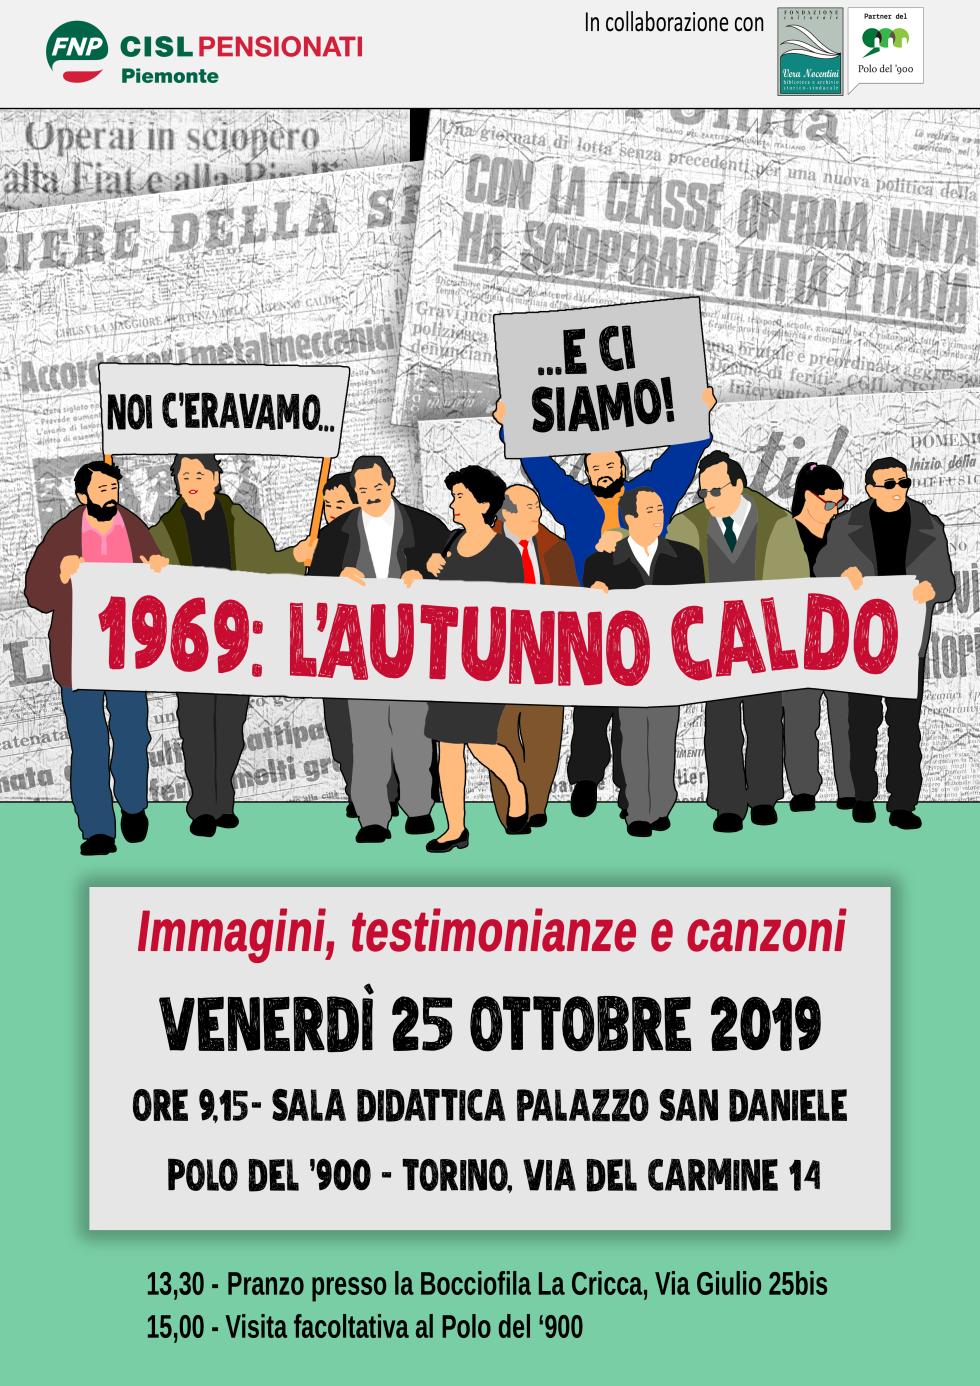 La FNP CISL Piemonte rievoca l'autunno caldo del '69